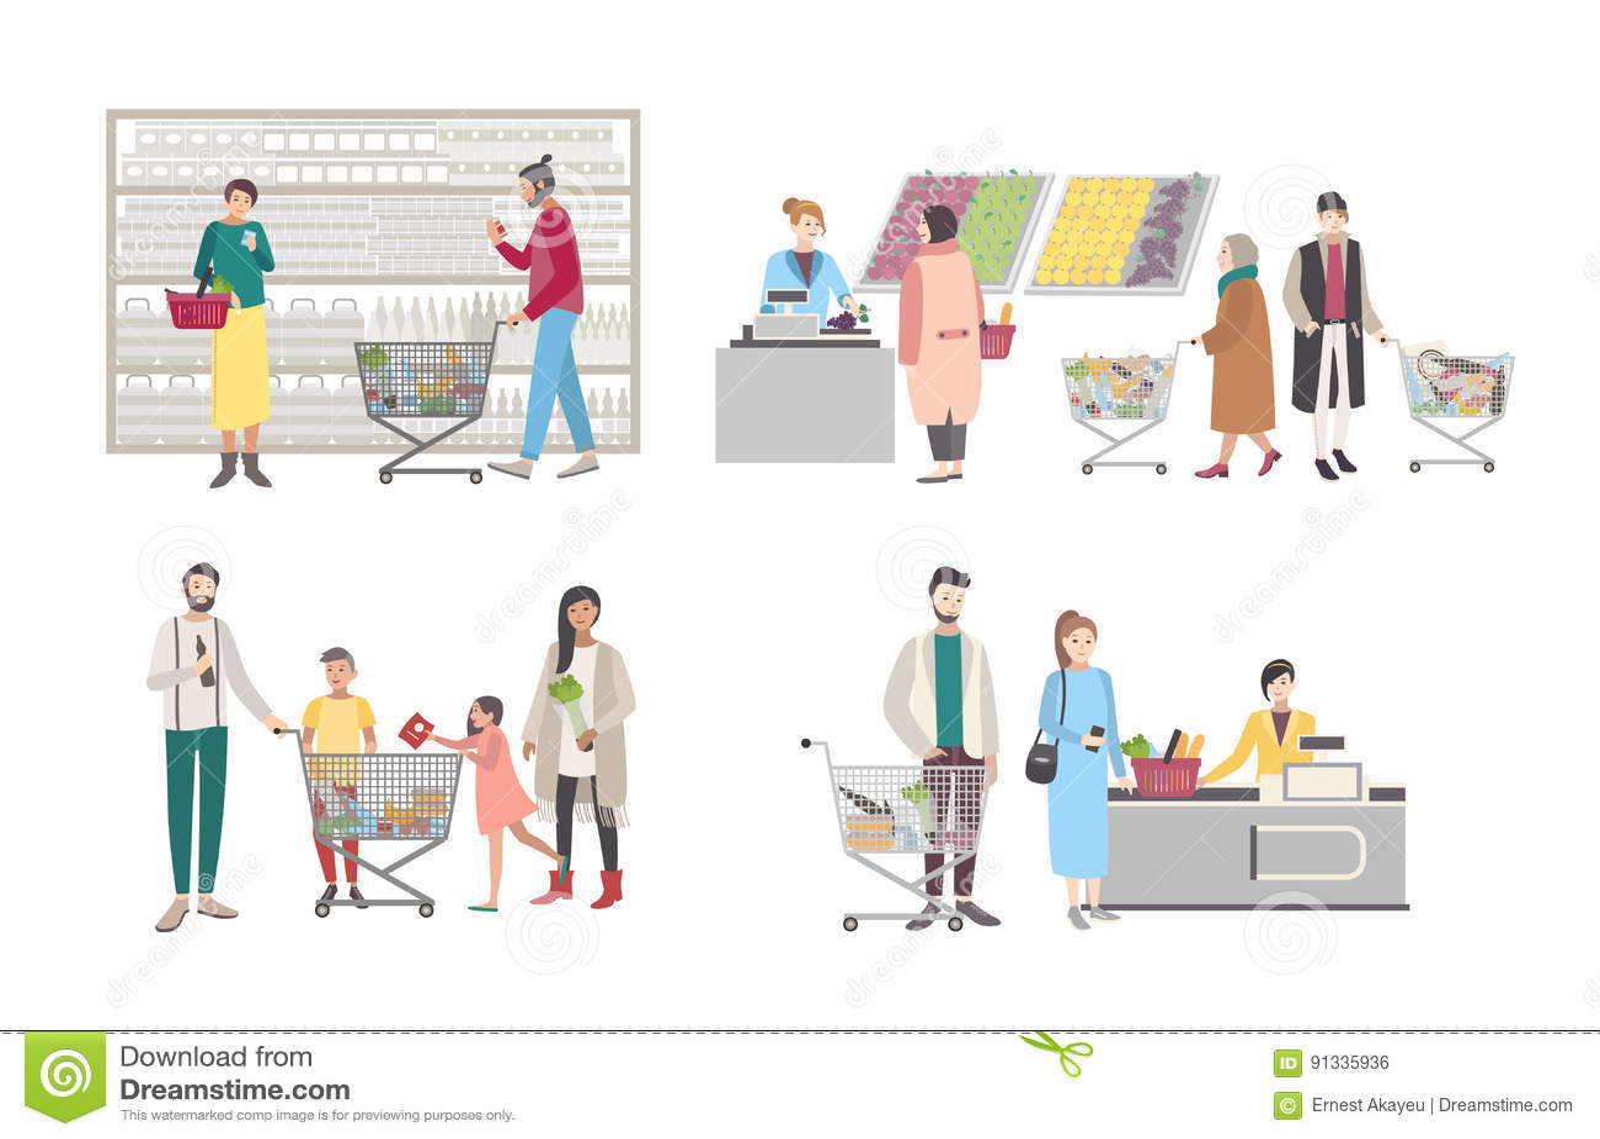 Concept voor supermarkt of winkel De reeks met koperskarakters bij het kasregister, dichtbij de rekken, woog goederen, mensen